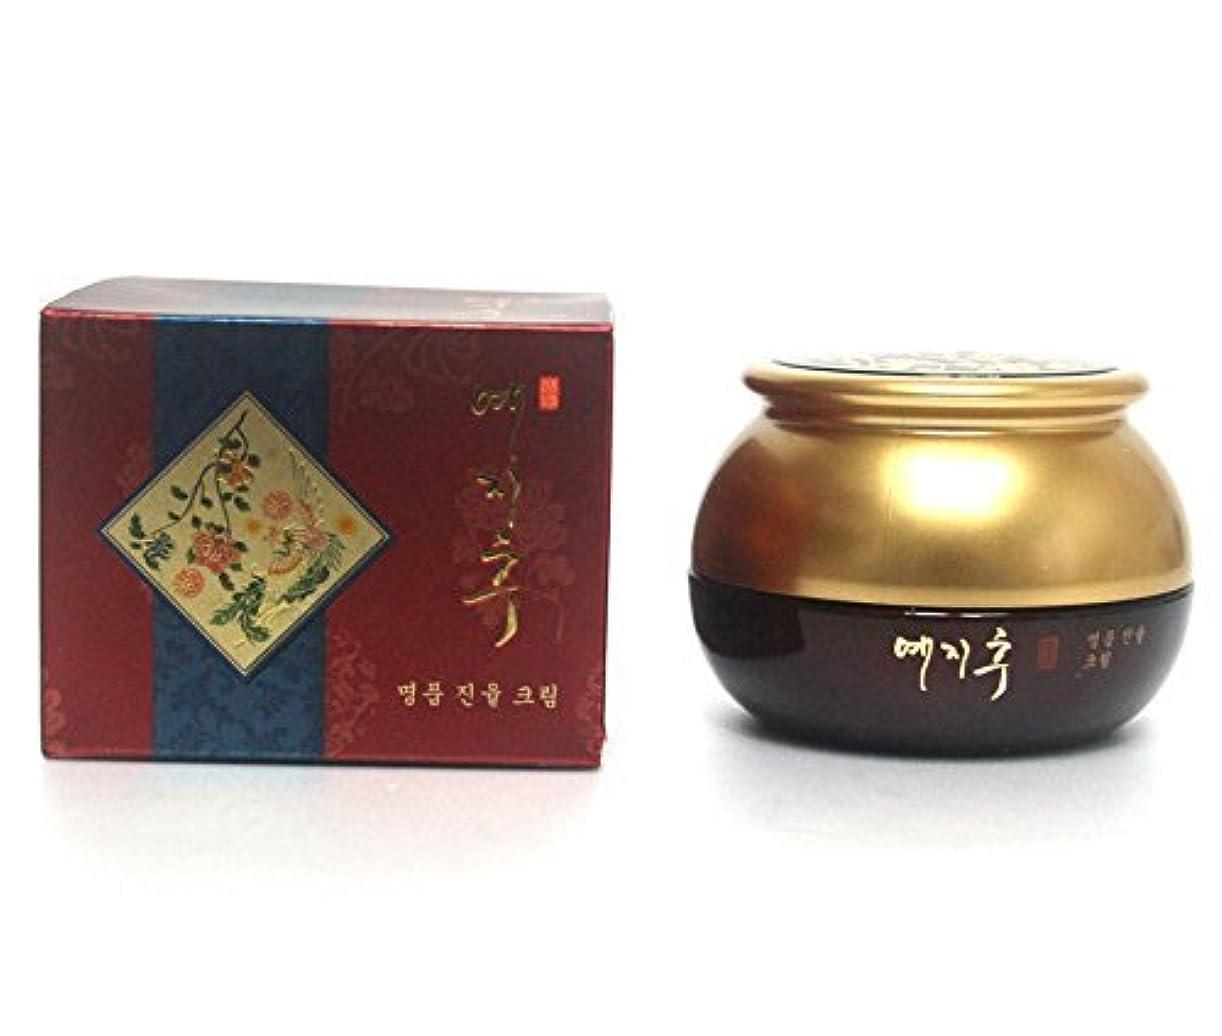 バーベキューリーフレットパスポート[YEZIHU] 紅参クリーム50g / ナチュラルオリエンタルハーブ / 韓国化粧品 / RED Ginseng Cream 50g / Natural Oriental Herbs / Korean Cosmetics...